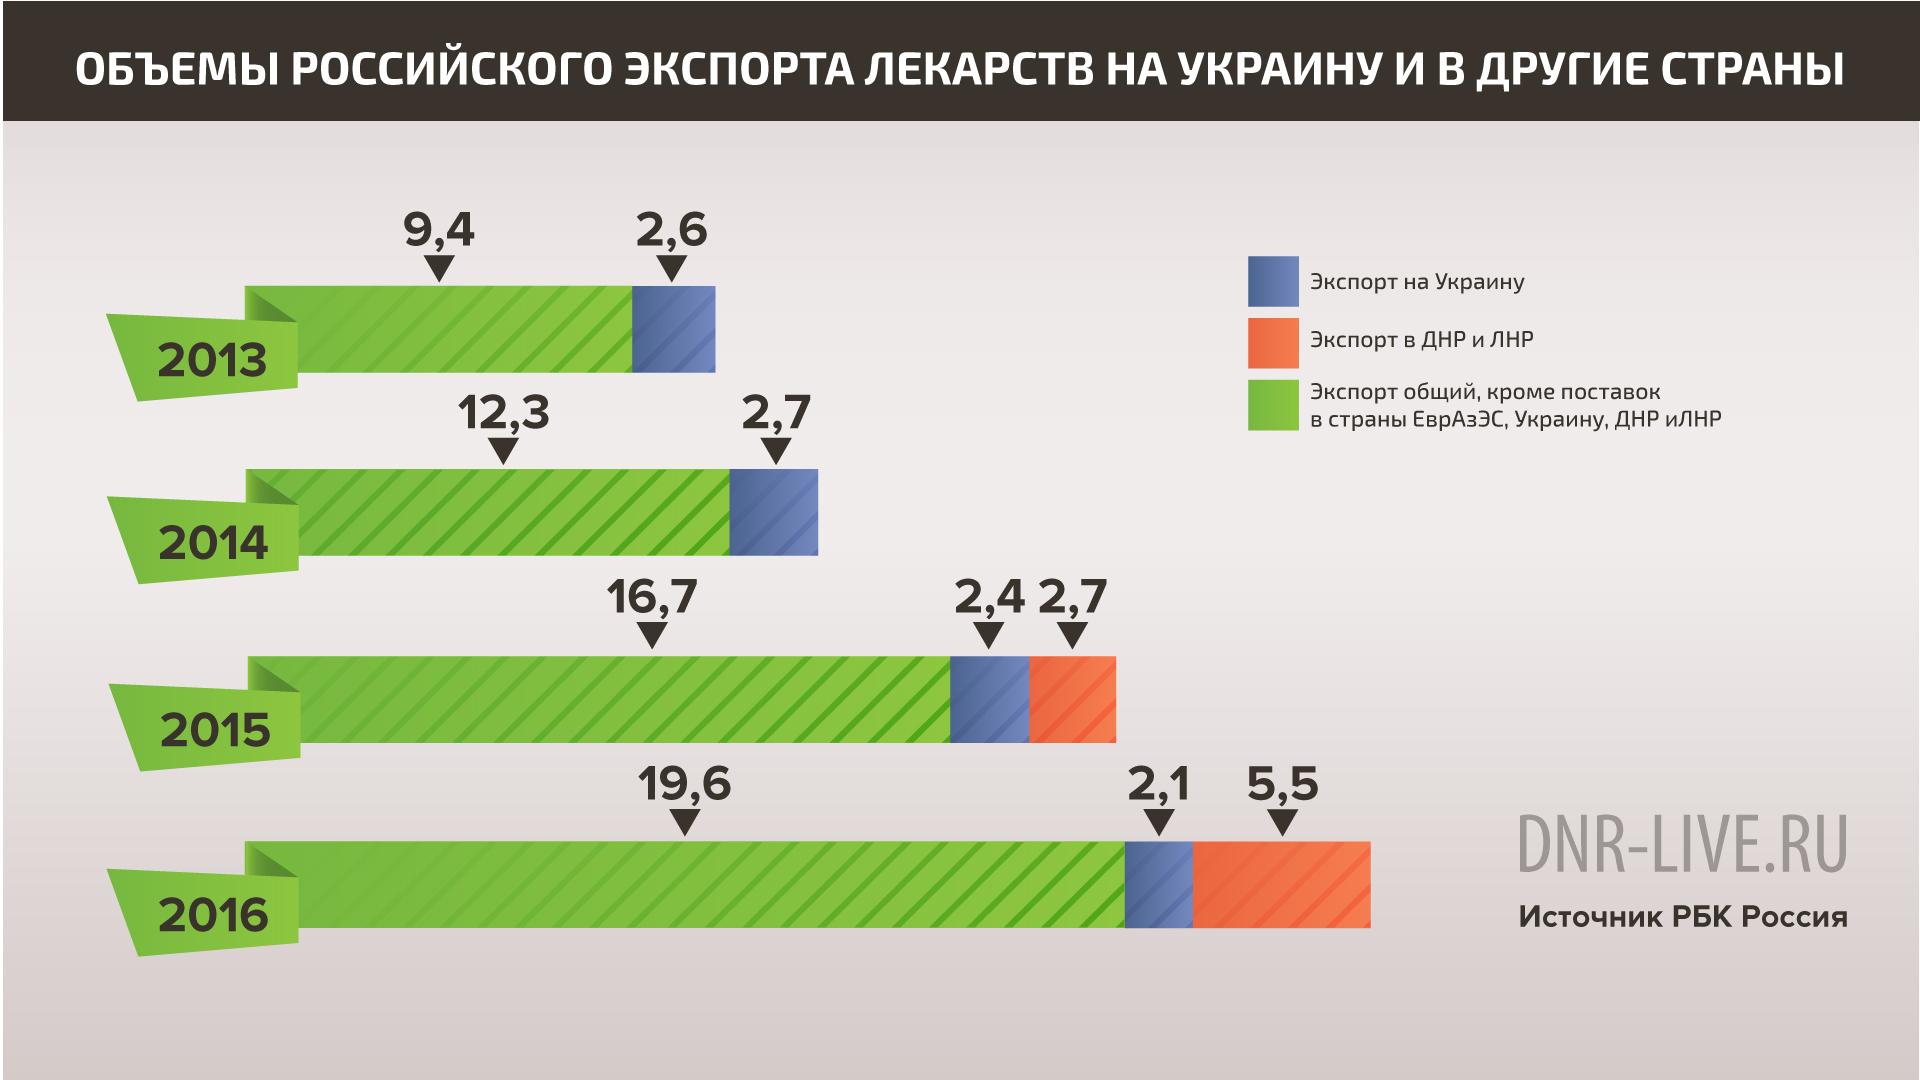 российский экспорт лекарств